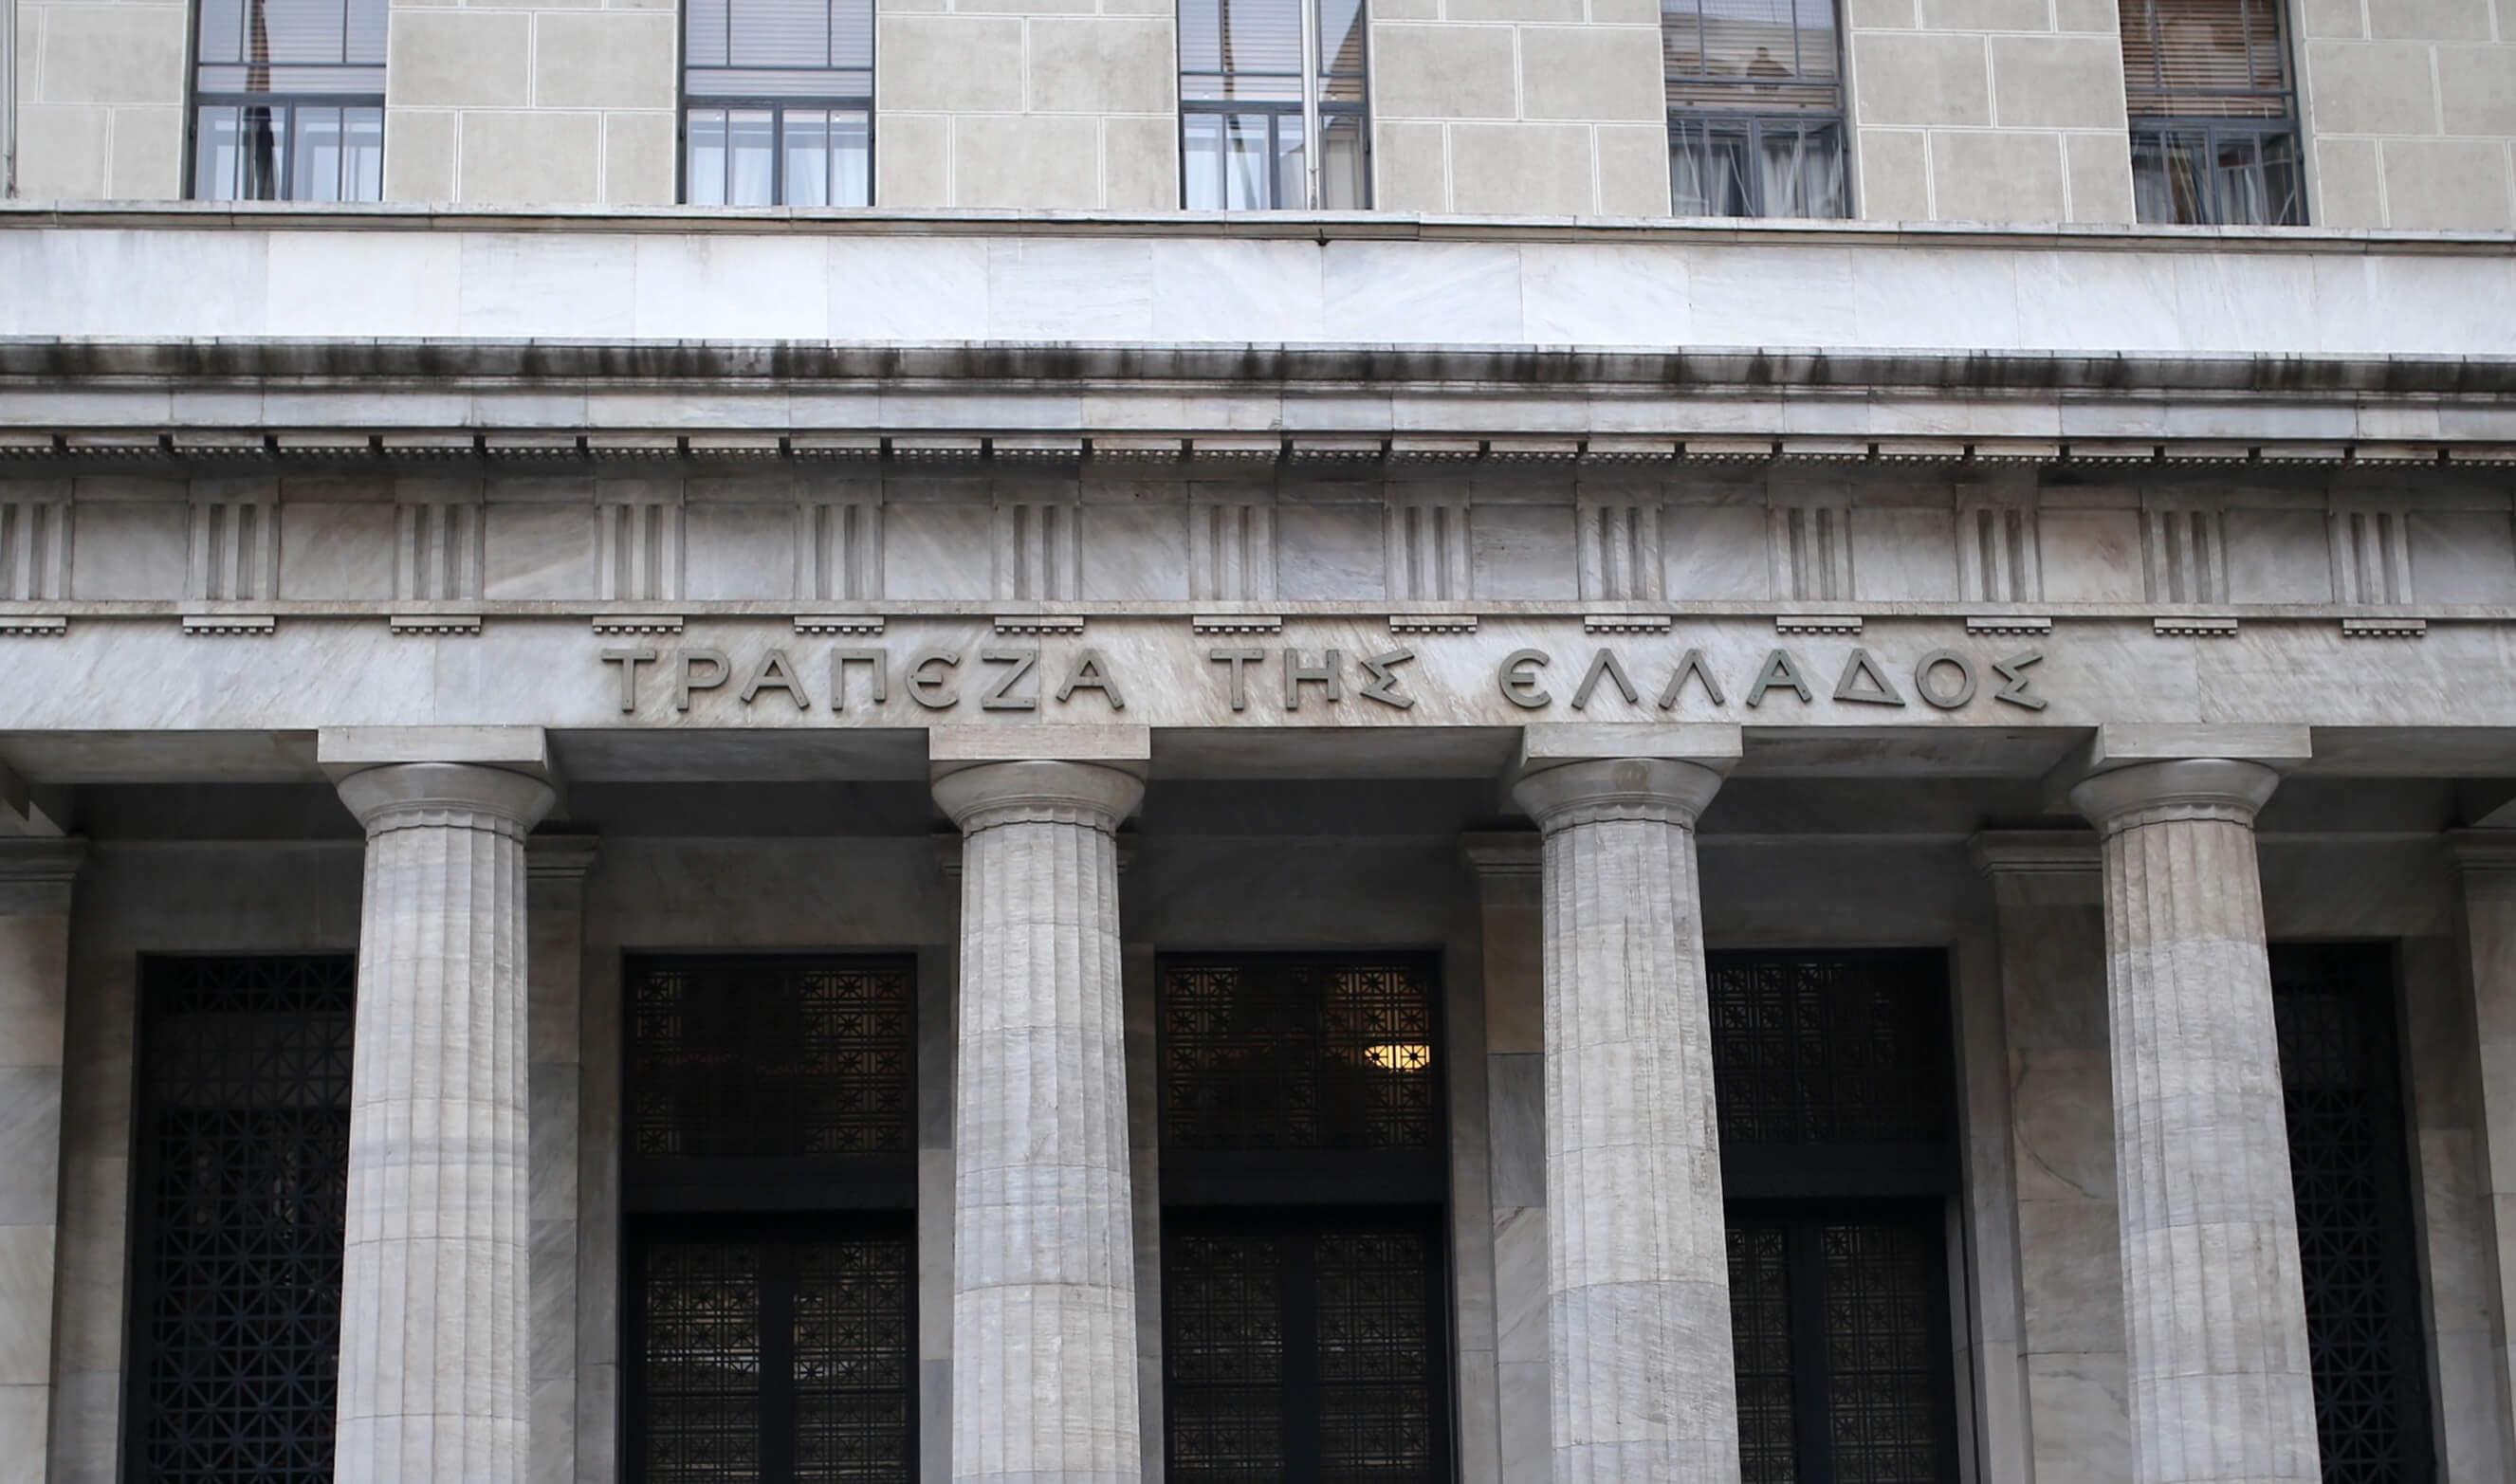 """""""Καμπανάκι"""" από την Τράπεζα της Ελλάδος: Τα κόκκινα δάνεια """"τραβούν"""" προς τα κάτω την ανάπτυξη"""